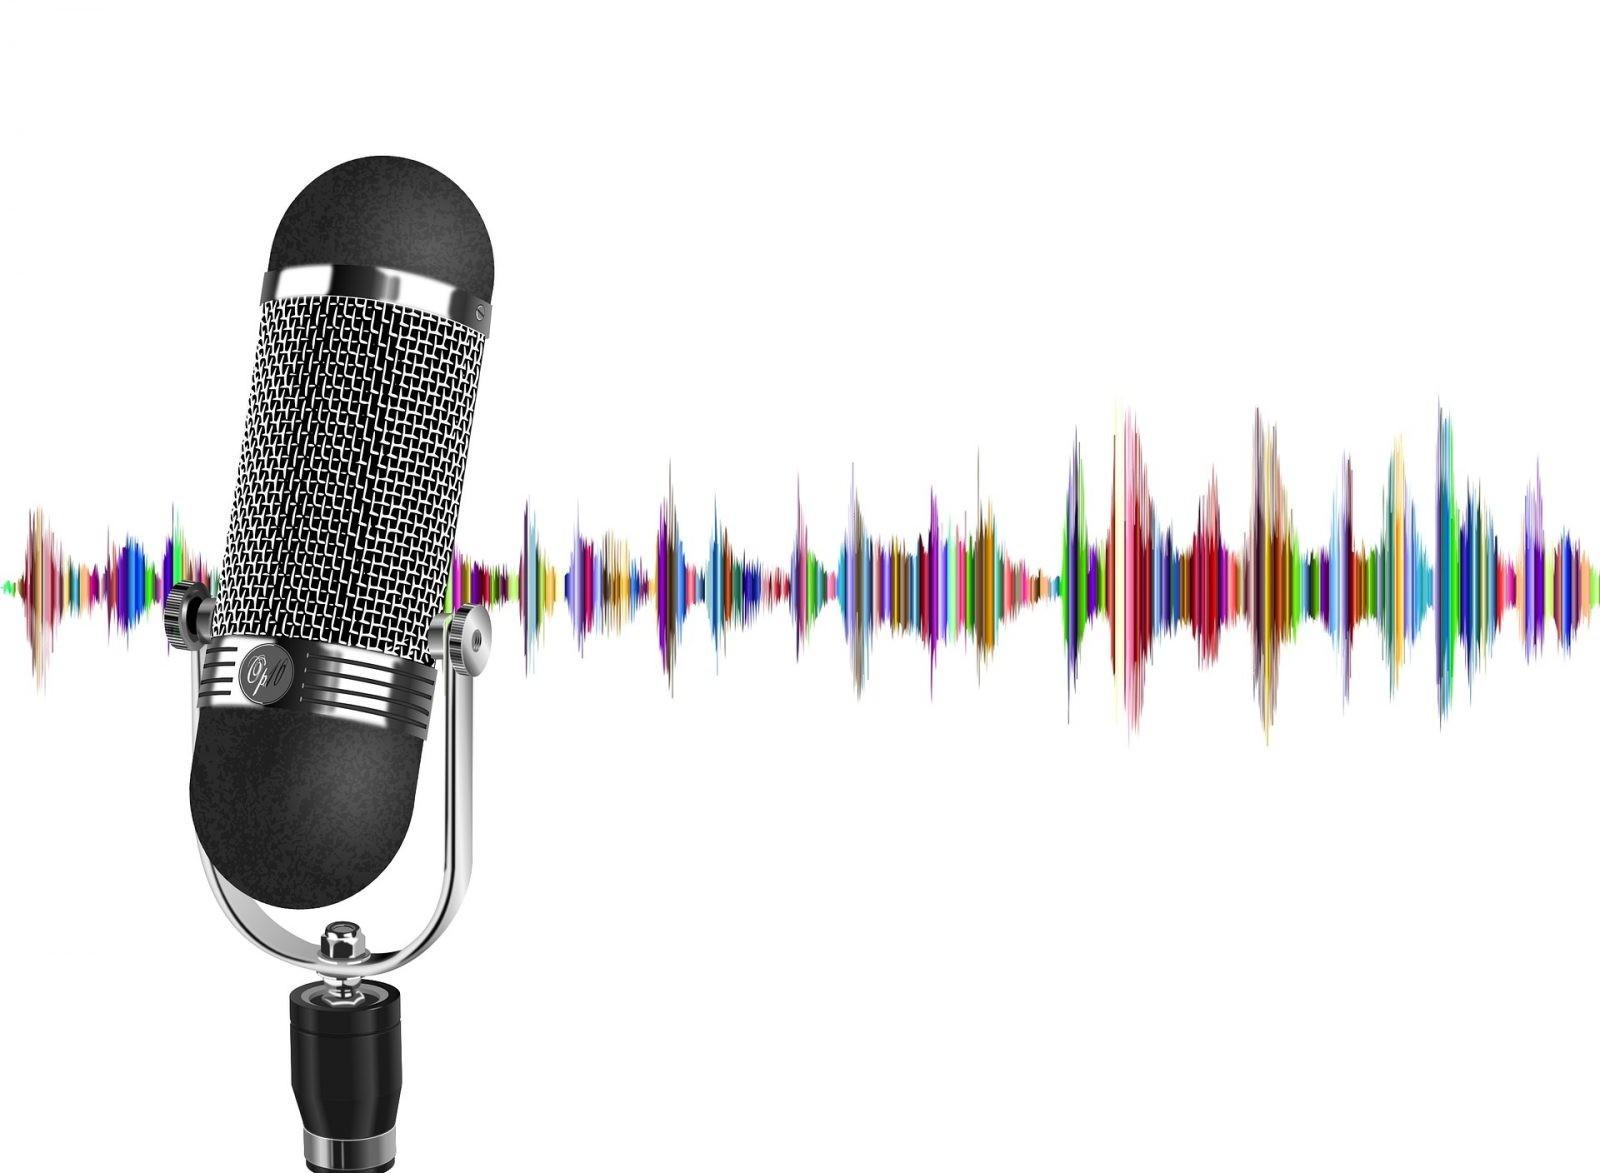 ראיון רדיו  3.5.12 רשת 'על גלגלים'